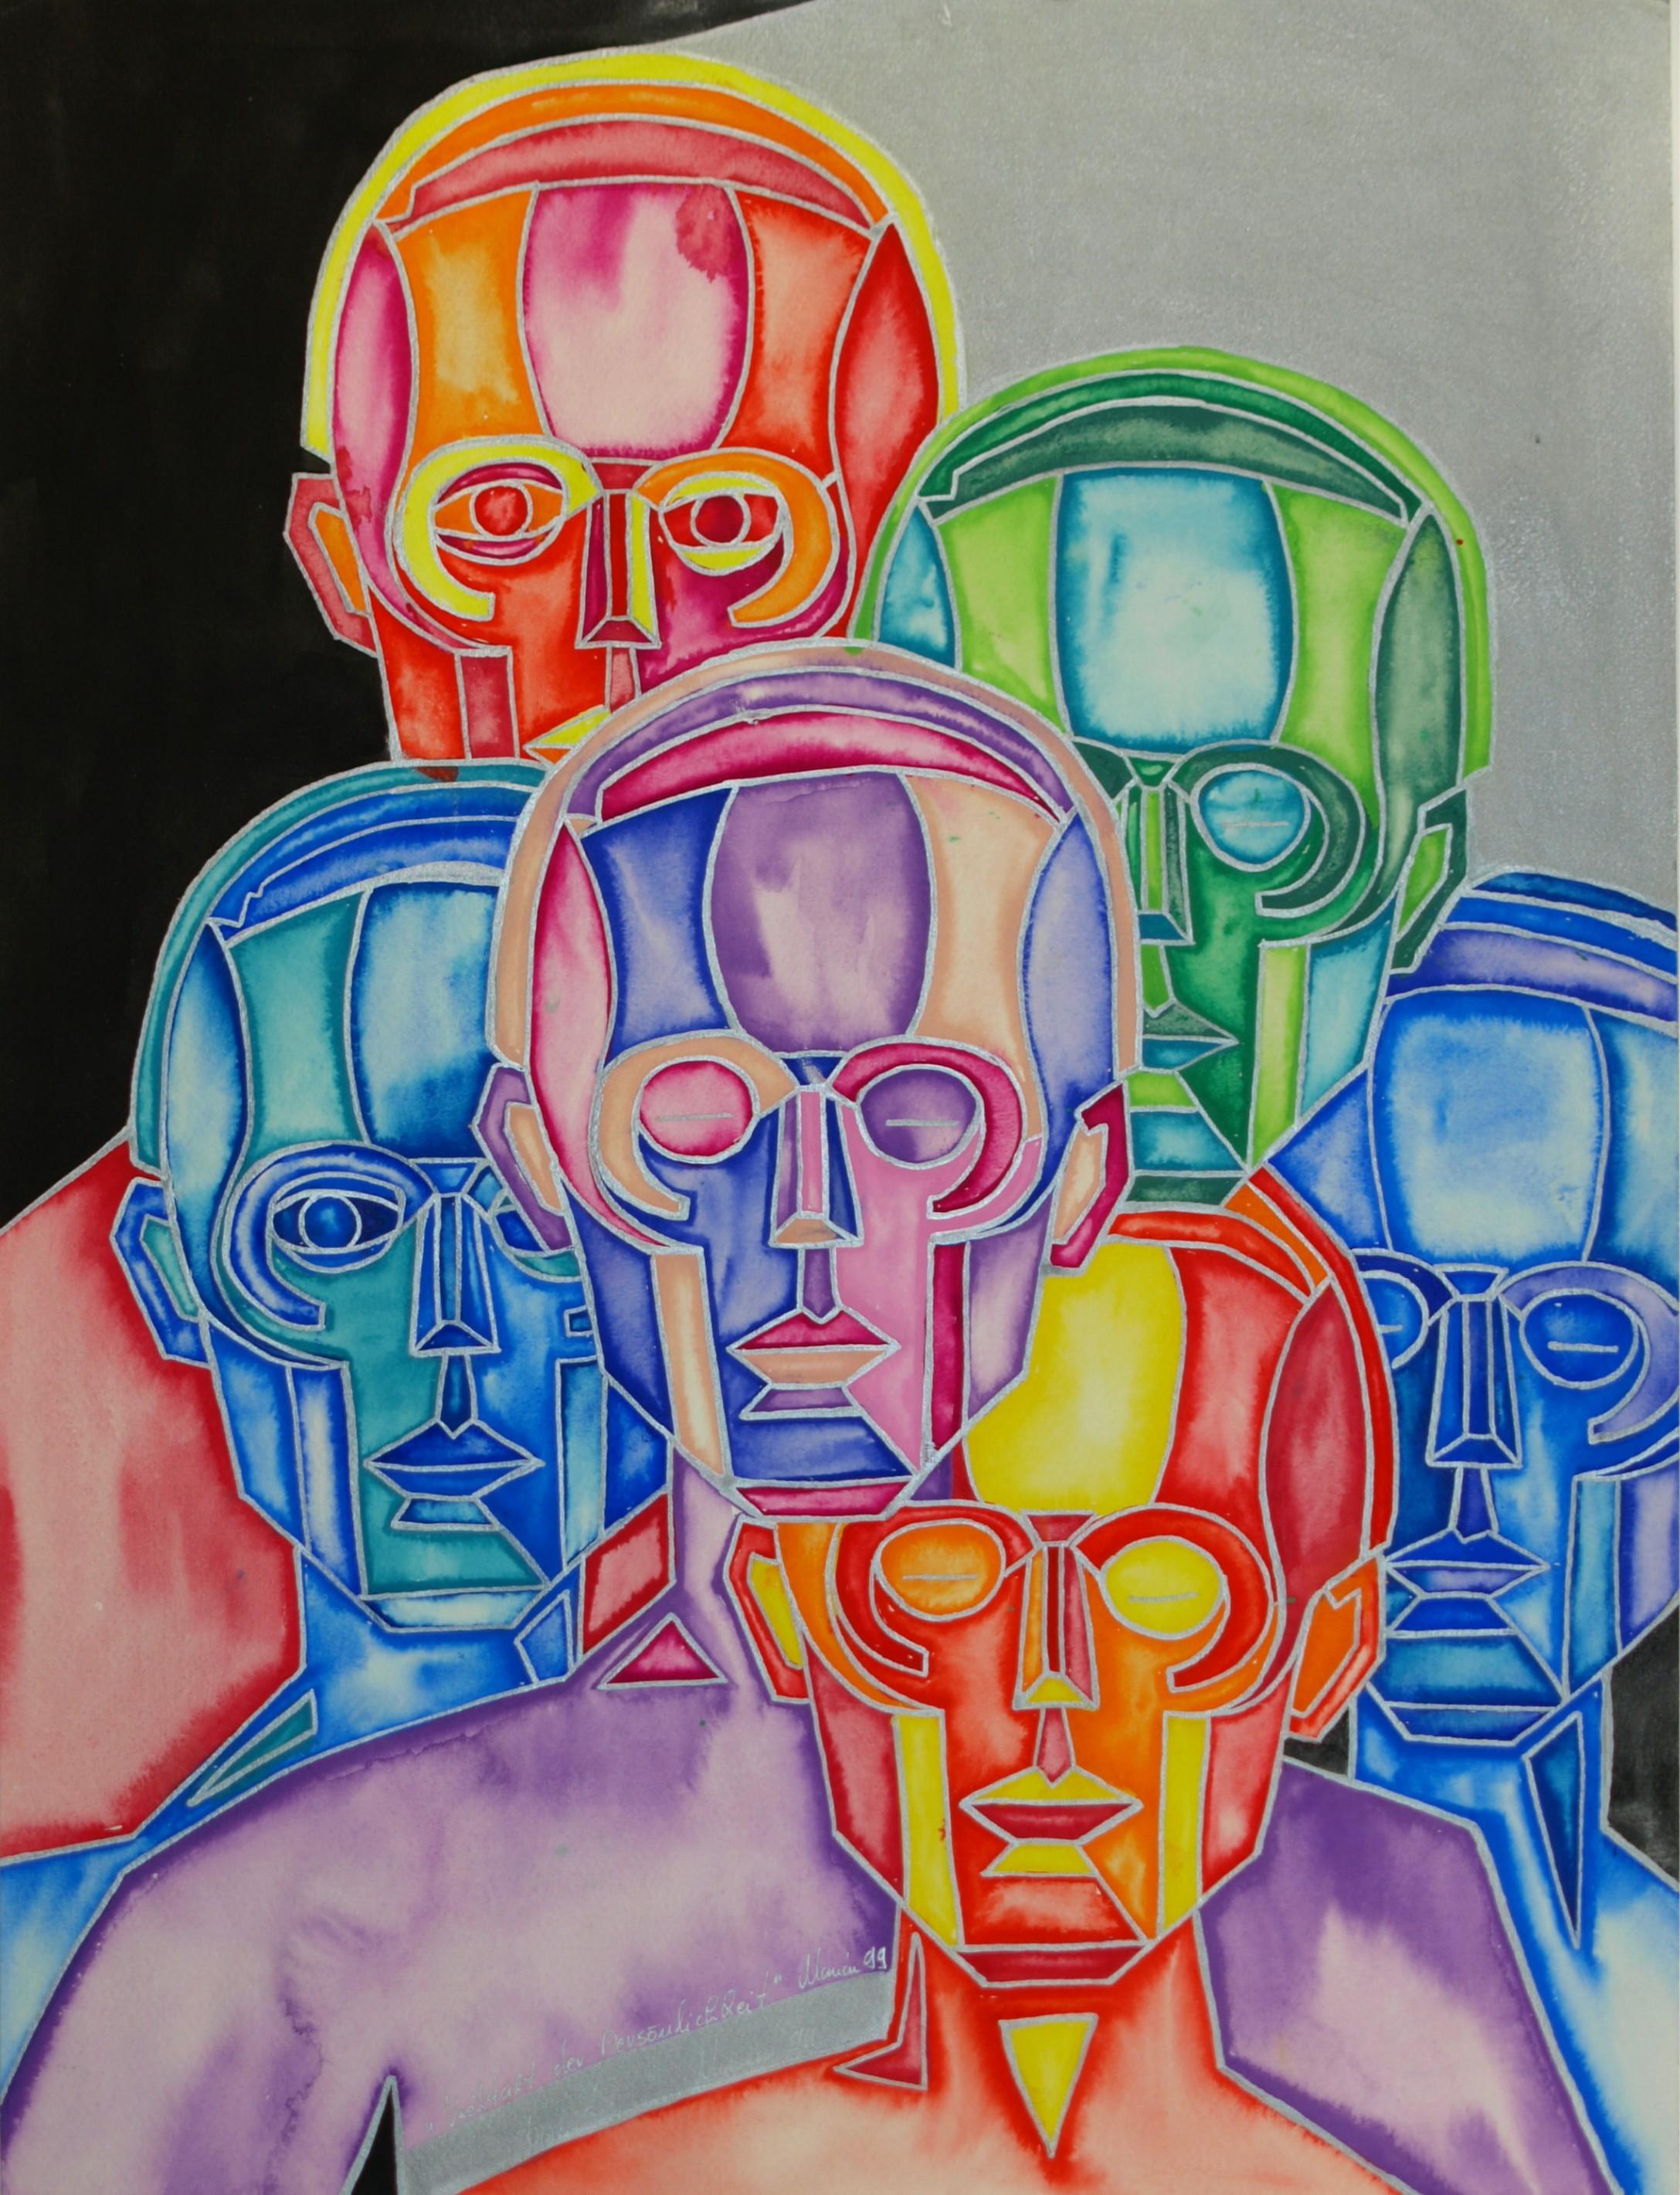 Vielfalt der Persönlichkeit